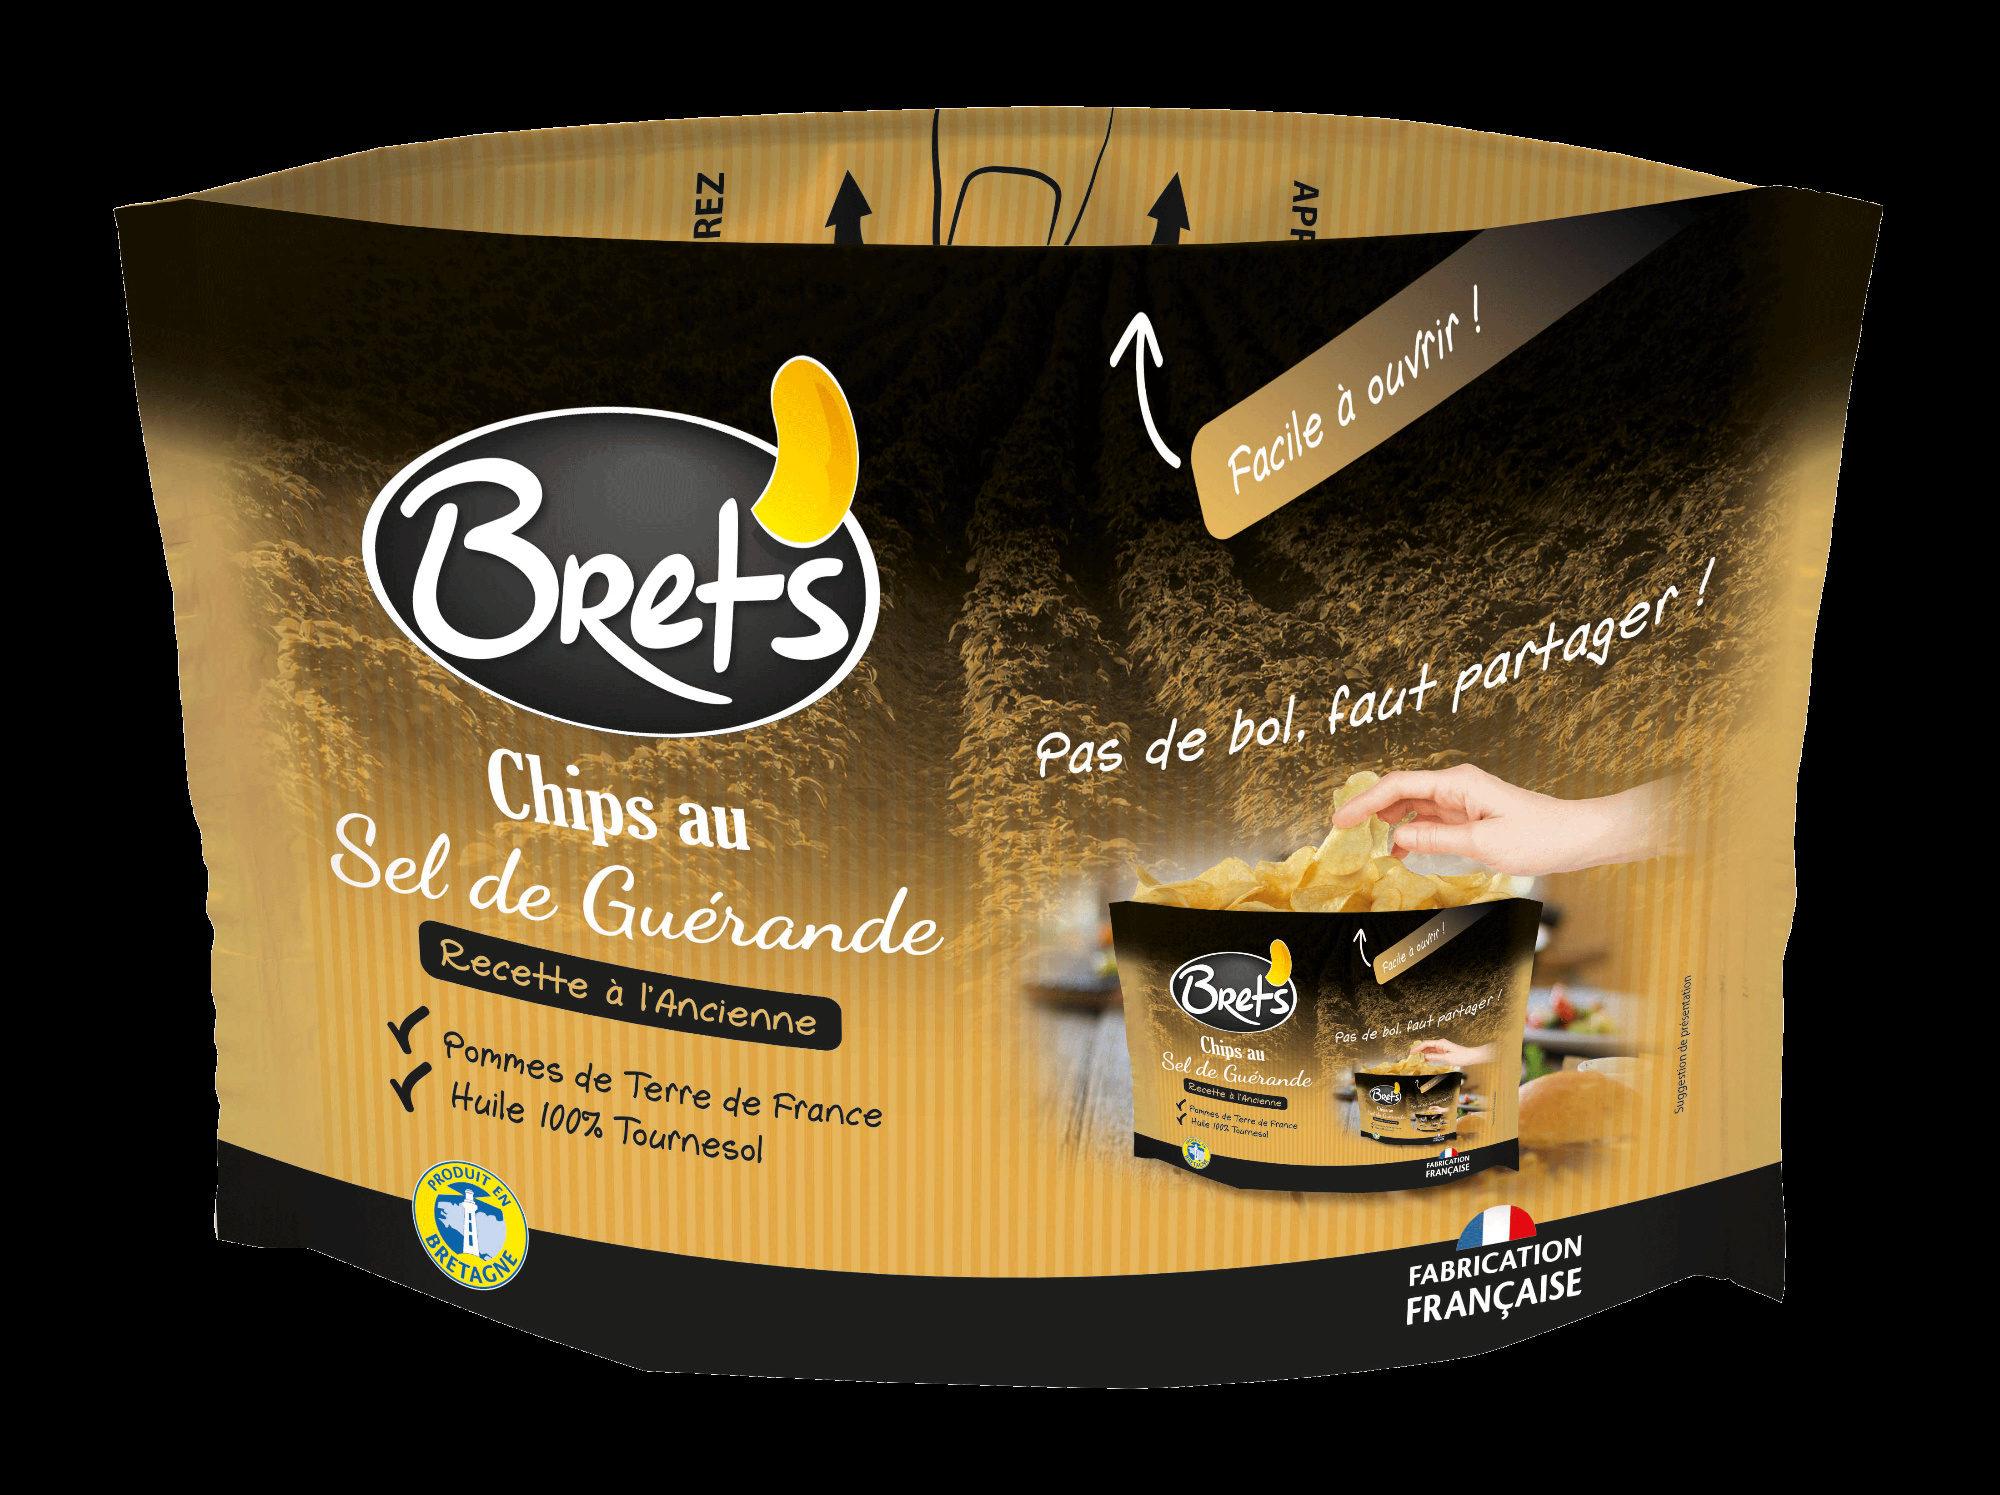 Chips au sel de Guérande - Recette à l'ancienne - Product